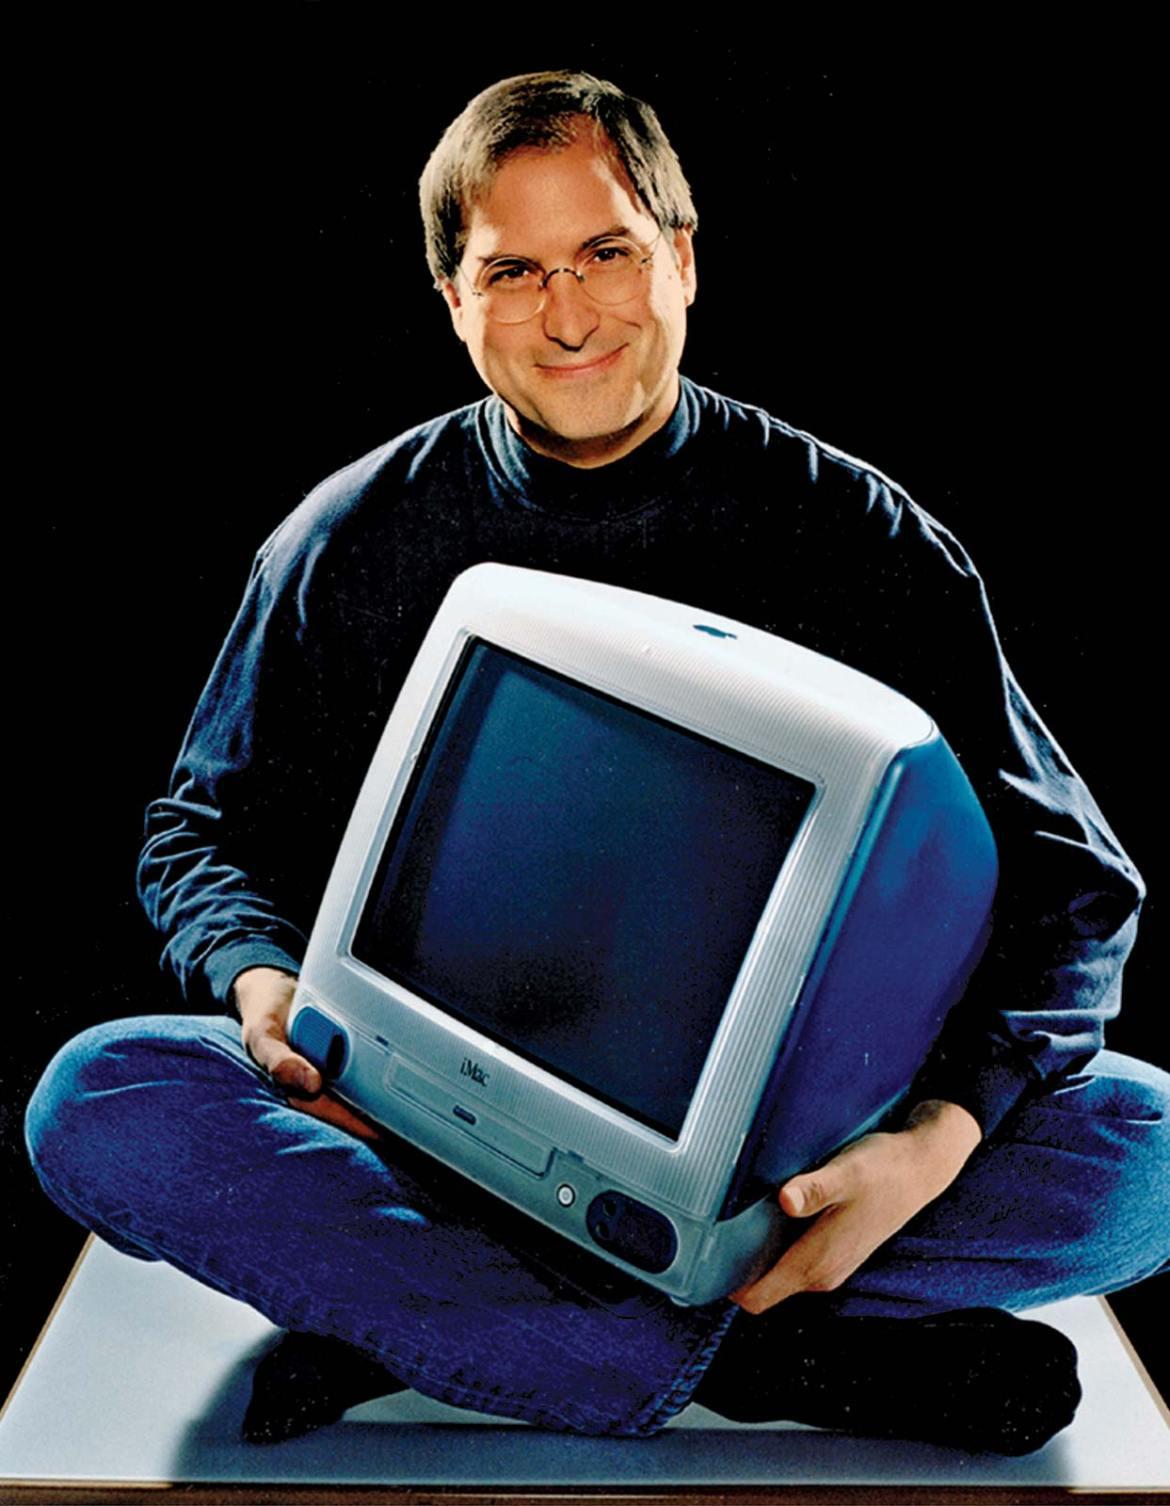 teknoloji çağını değiştiren adam steven paul jobs apple